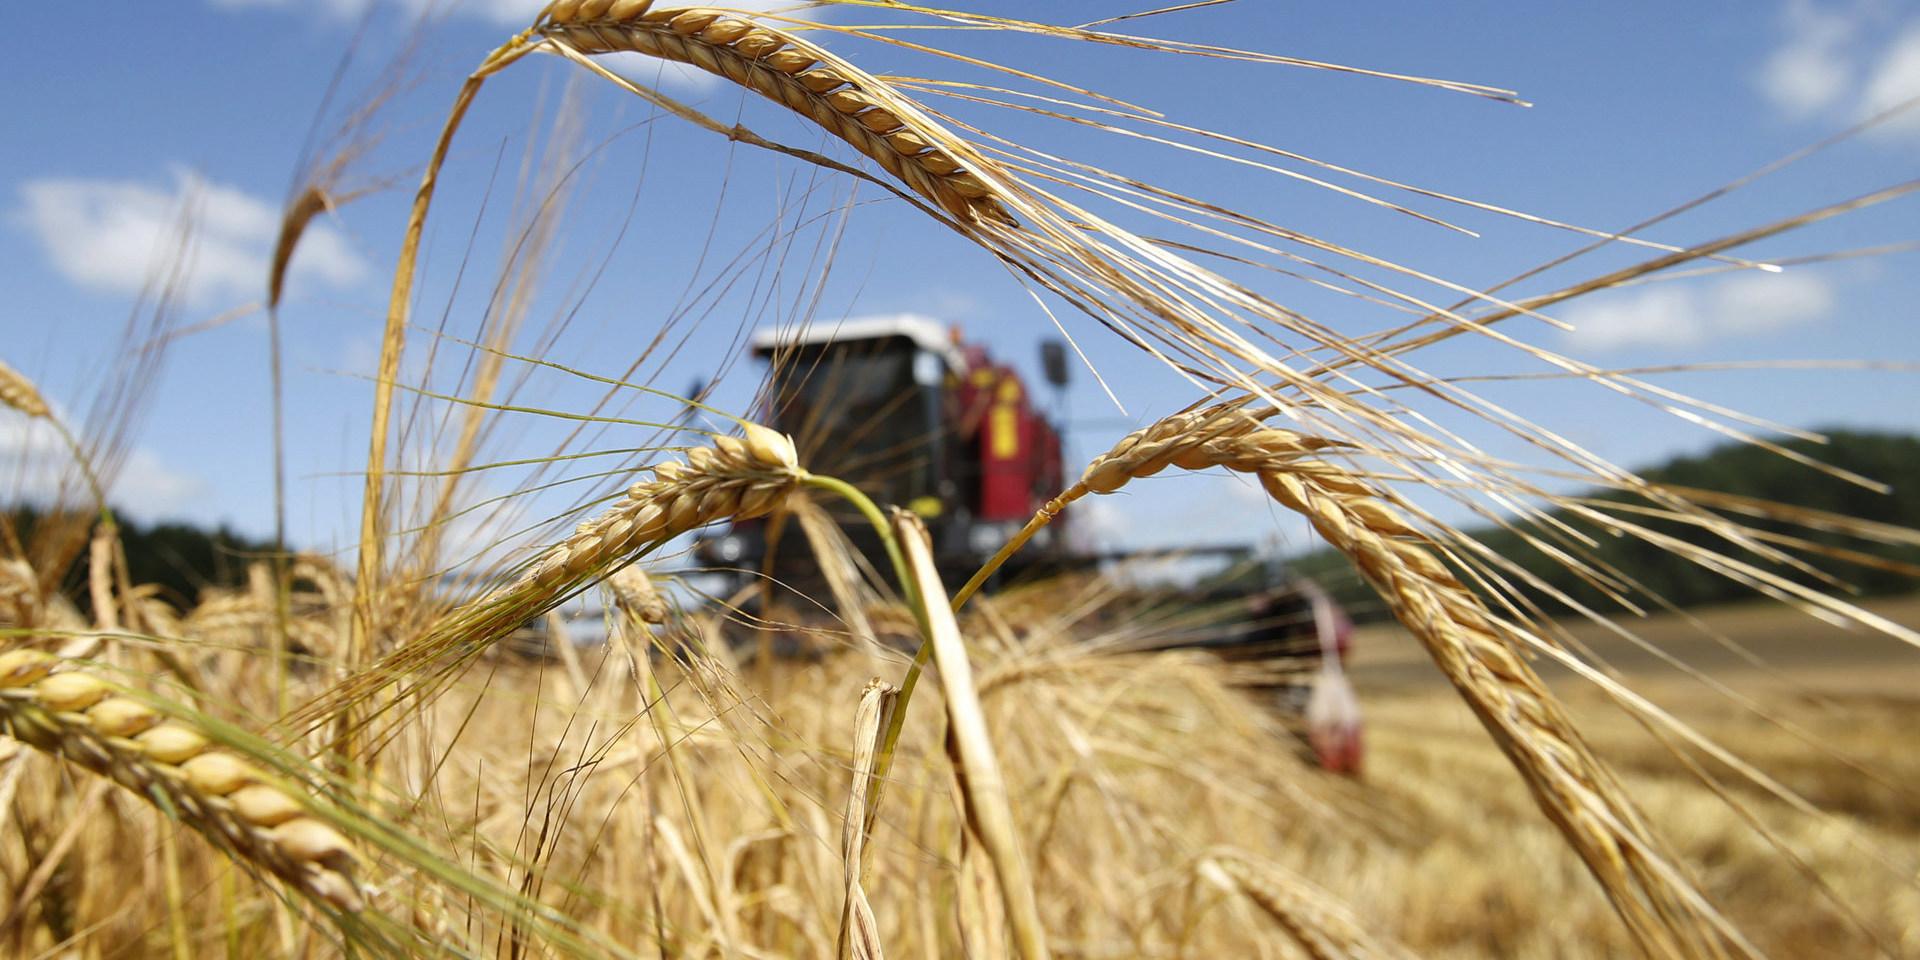 """""""Спрос на валюту станет повышаться, а валюты заходить будет меньше, учитывая, что есть вероятность проседания мировых цен на сырье, а основные экспортные поступления Украина получает от поставок металла и зерна"""""""